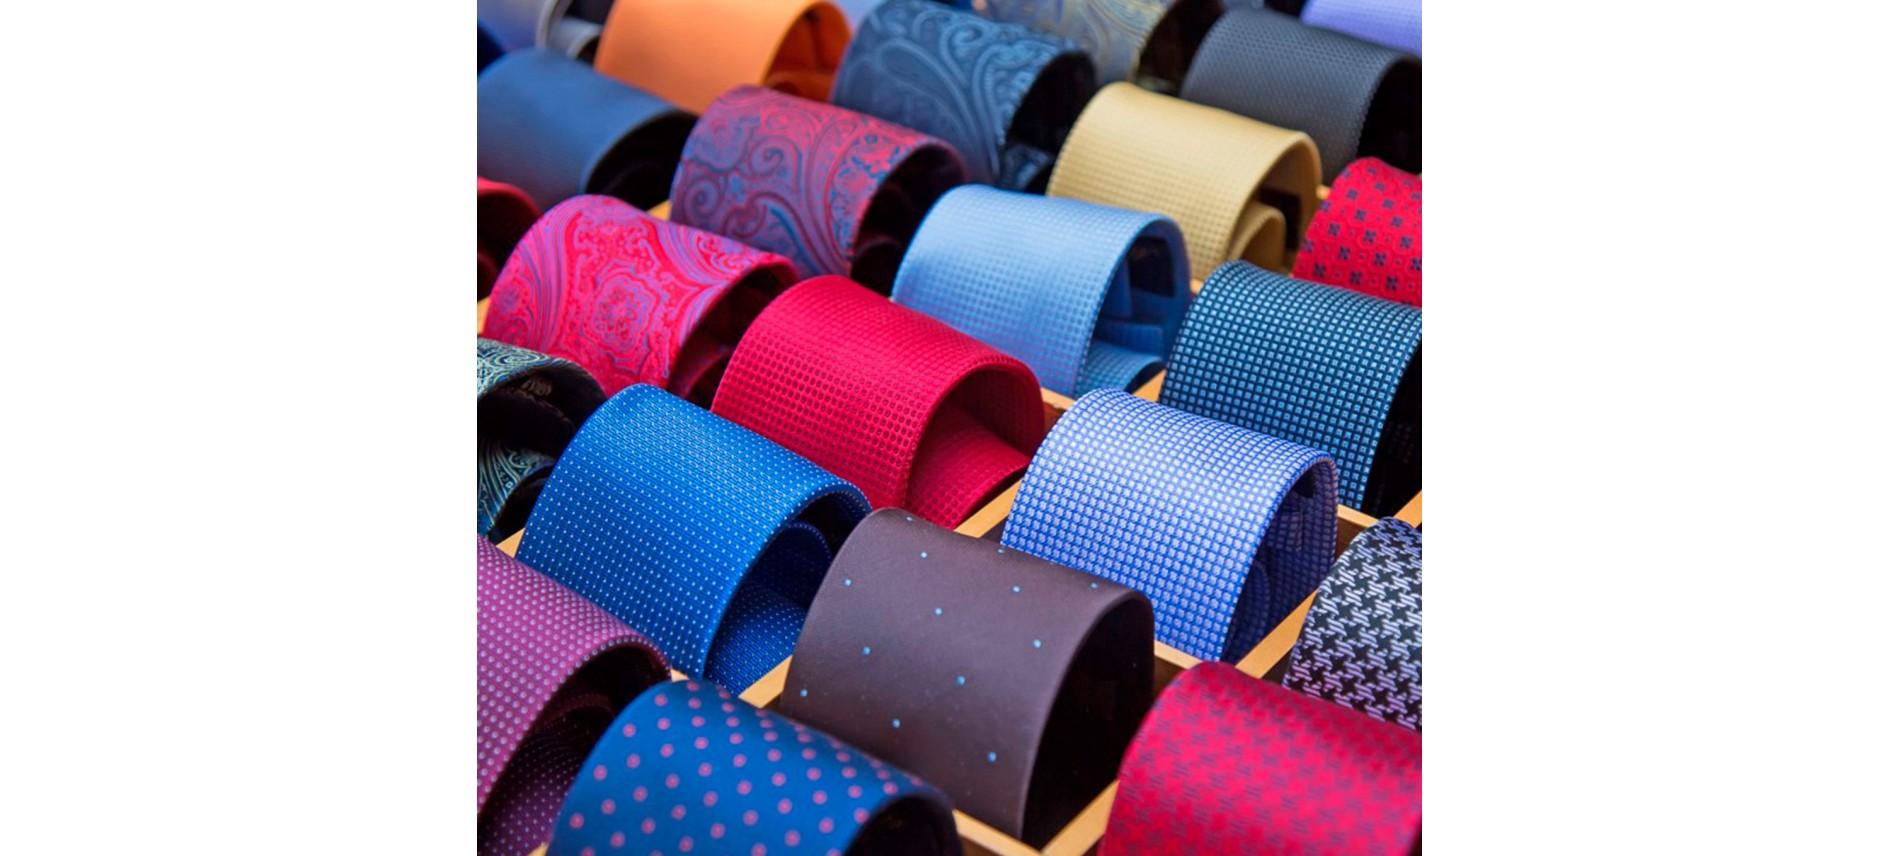 Comprar Corbatas hombre, mujer y niño | Cord-On Shop